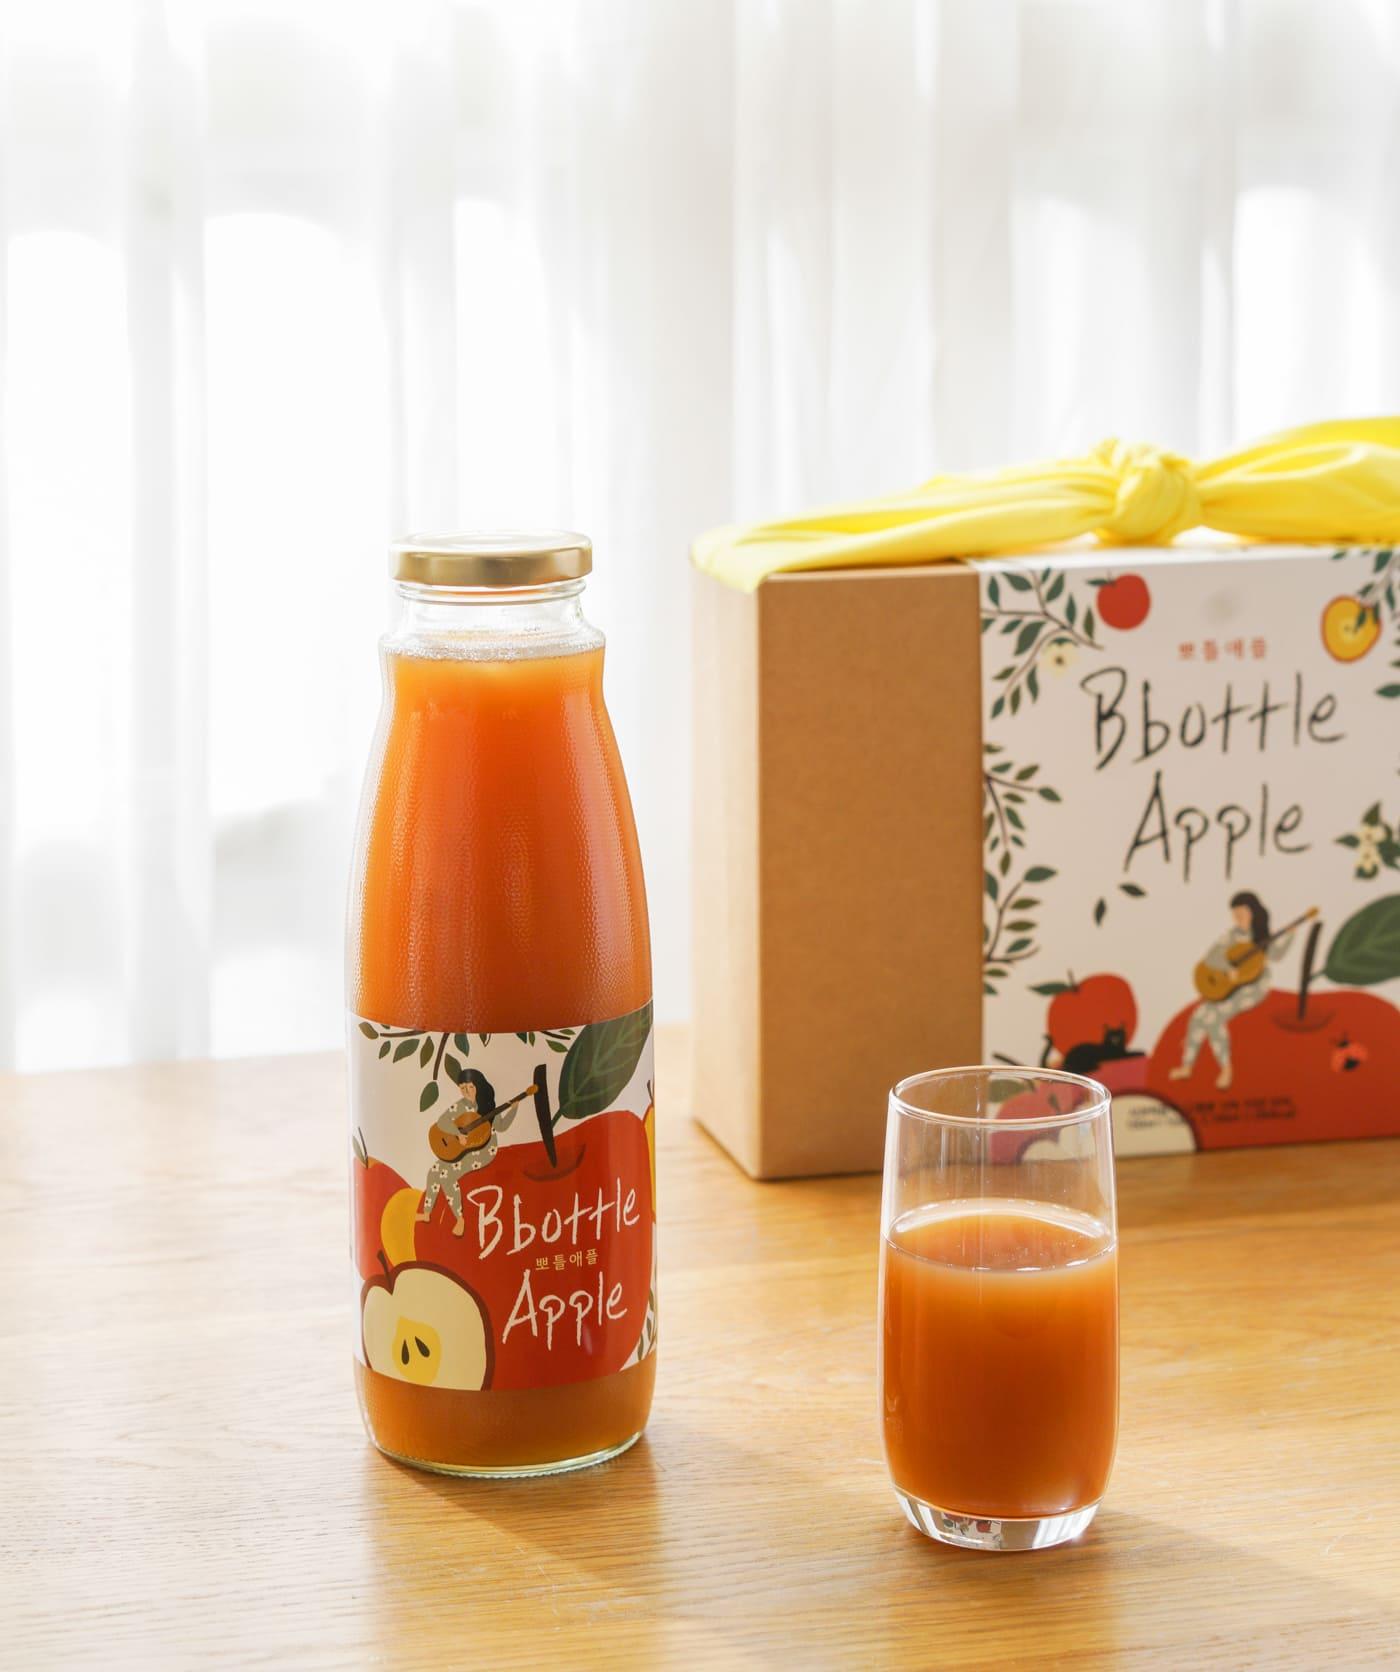 현미식초 사과즙 뽀틀애플(1000ml)/국내산 사과즙 93%와 현미식초 7%로 이루어진 전통 건강 음료 상세이미지2